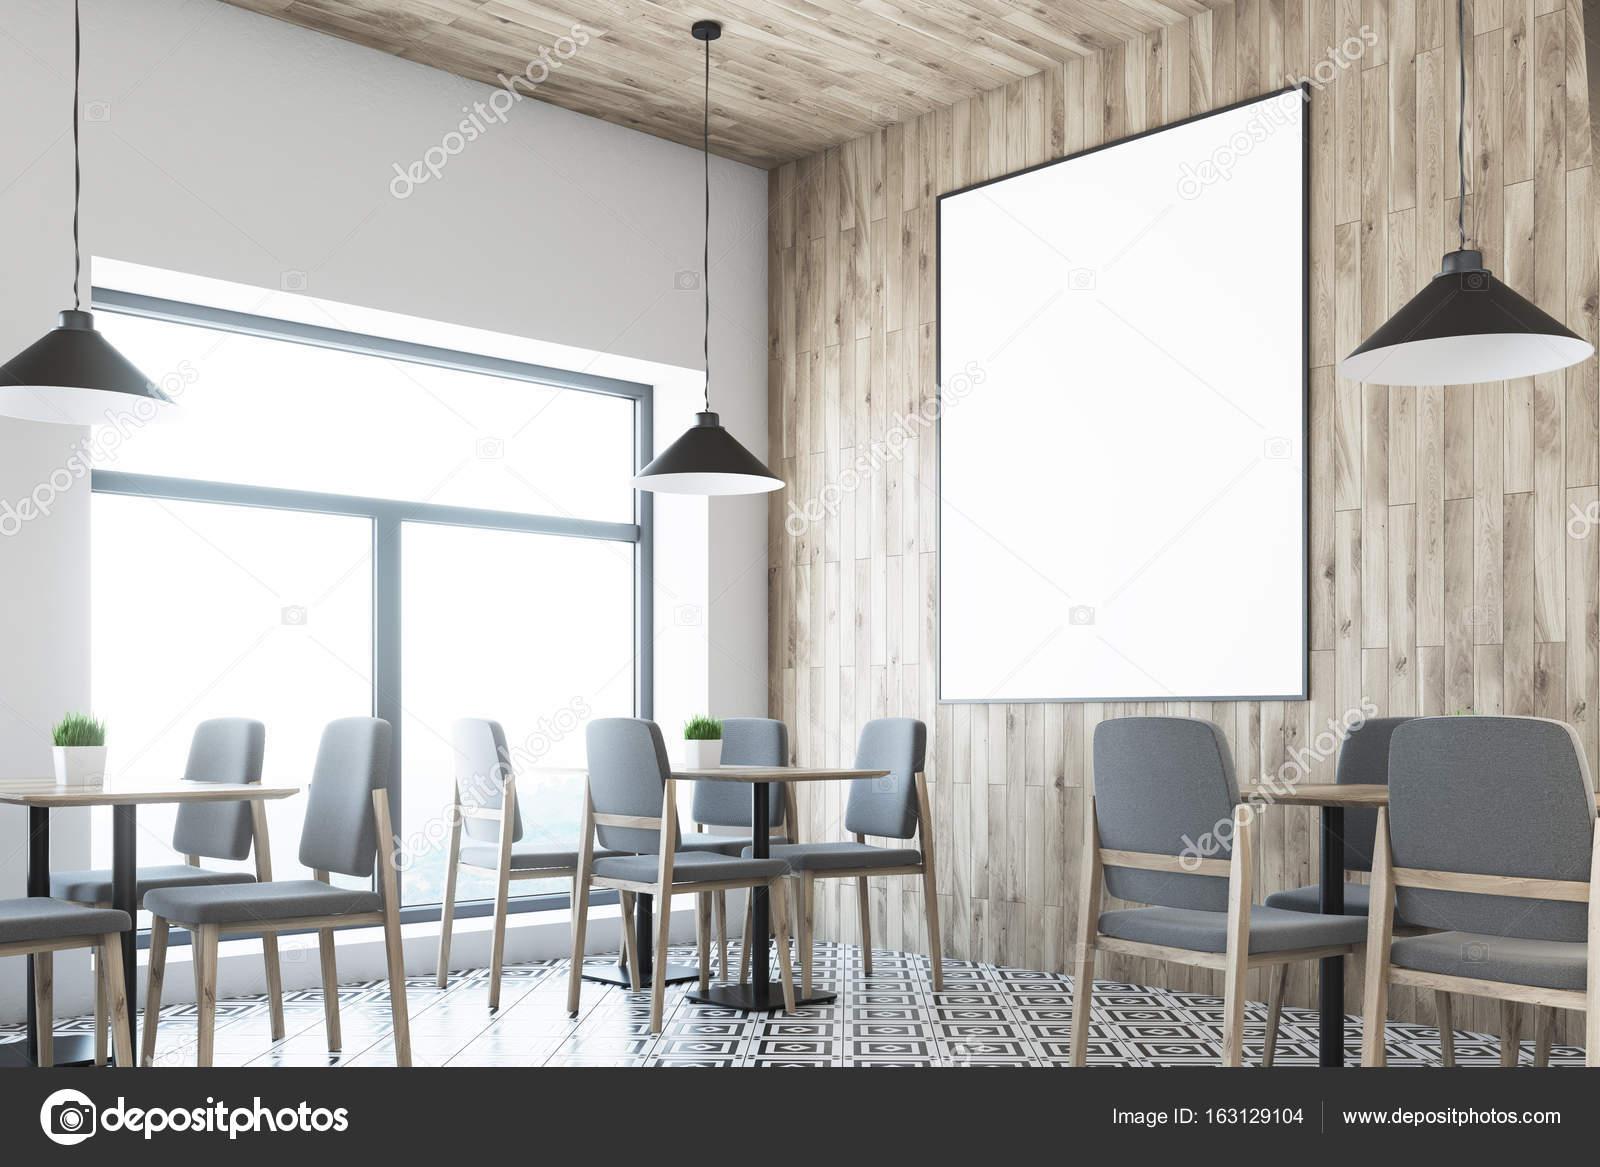 Soffitti In Legno Bianco : Cucina con soffitti inclinati il bianco e il legno dei mobili da